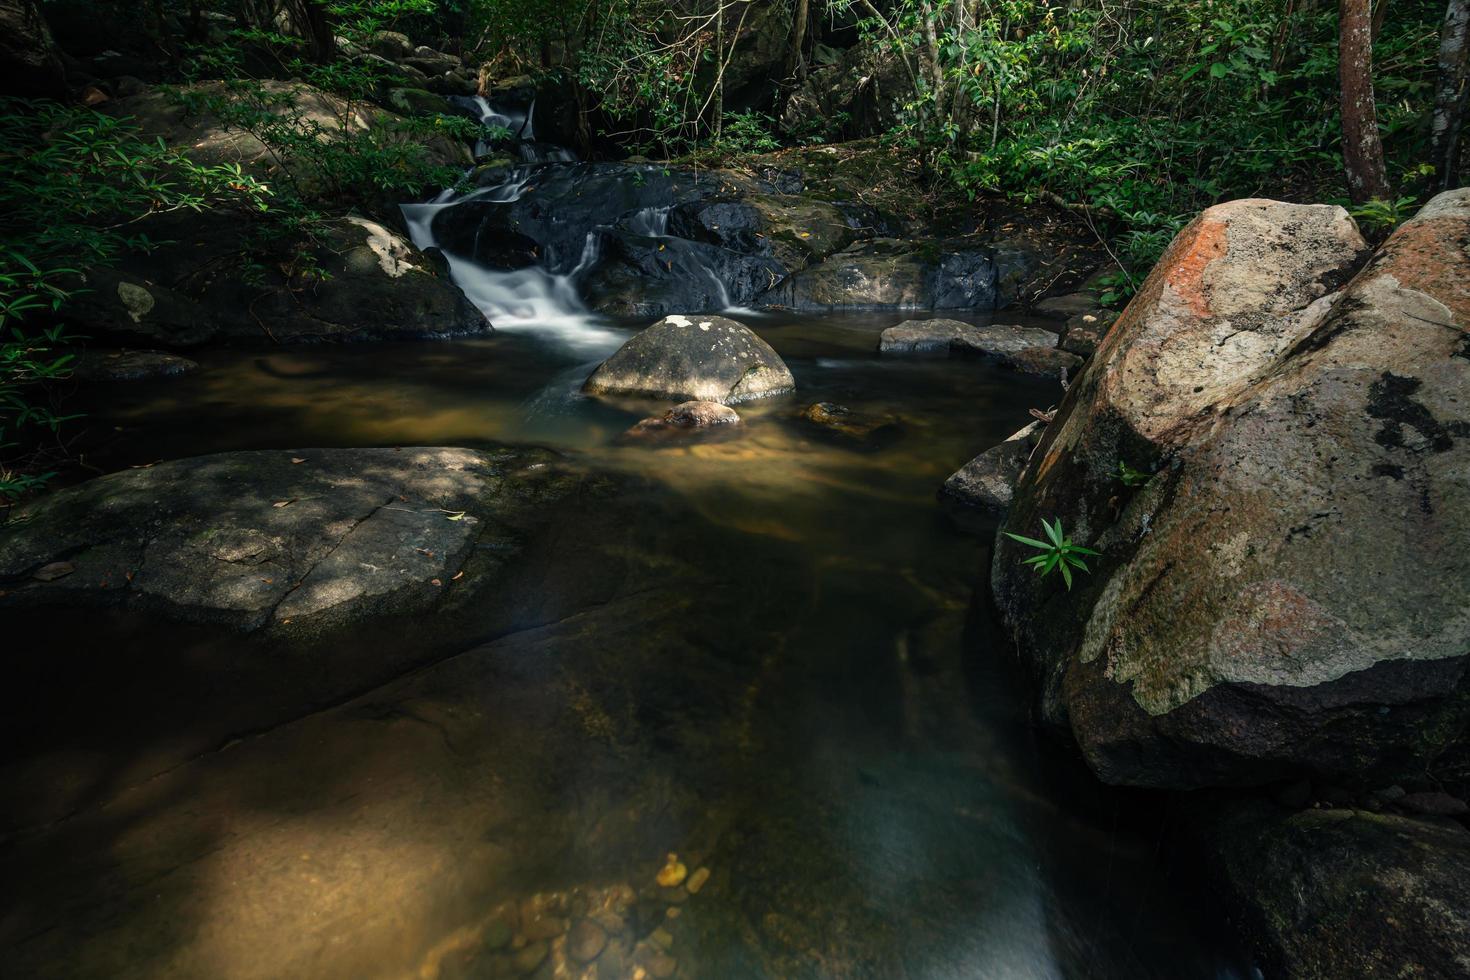 Naturlandschaft am Khlong Pla Kang Wasserfall foto